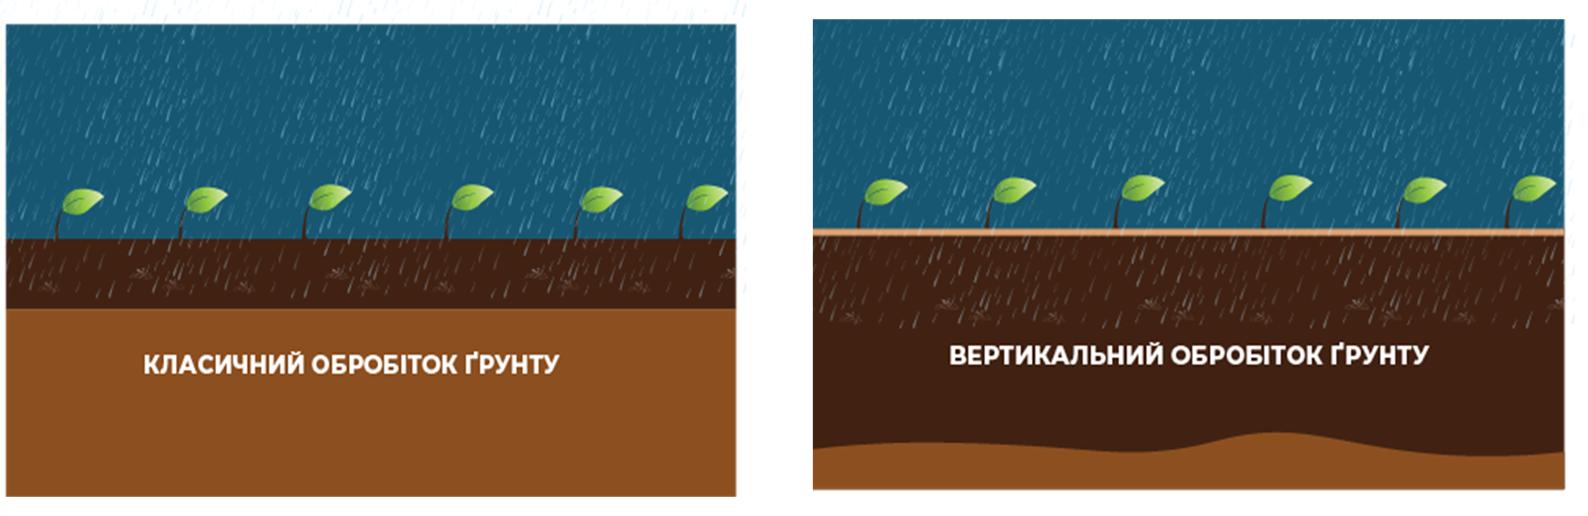 Обробіток ґрунту. Основні завдання для вирішення в умовах змін клімату фото 11 LNZ Group